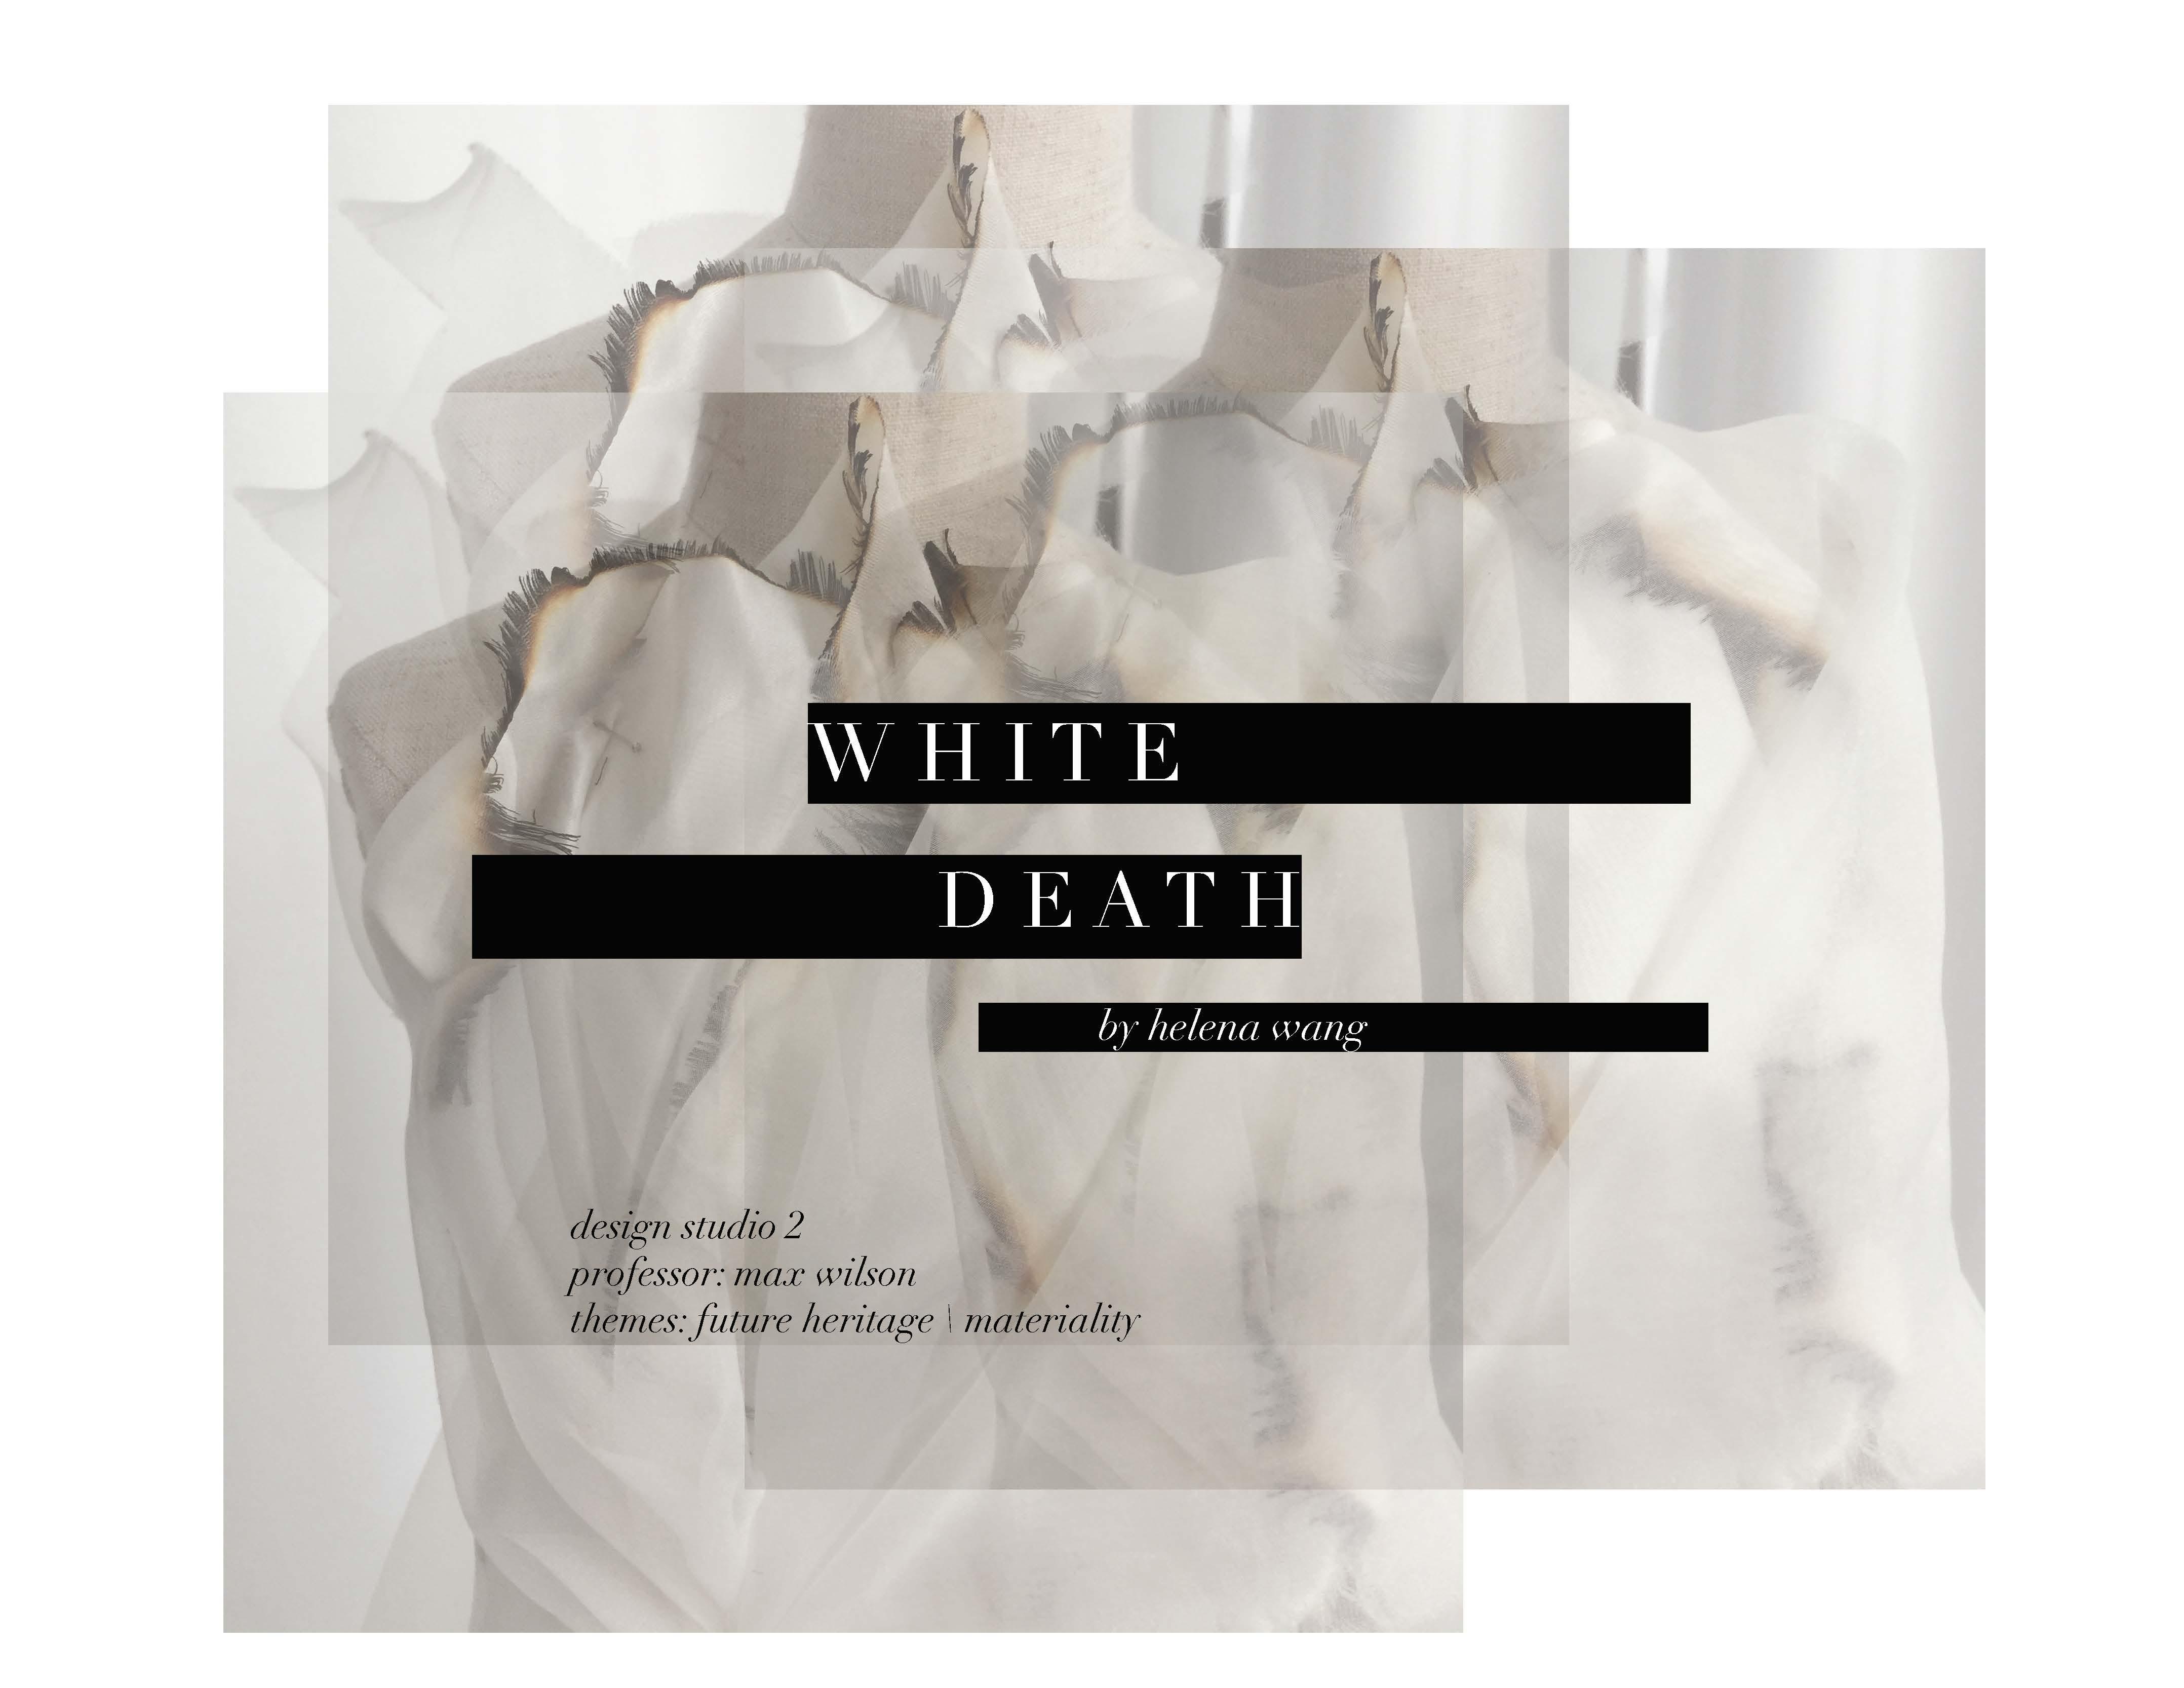 Design Studio 2: White Death Collection